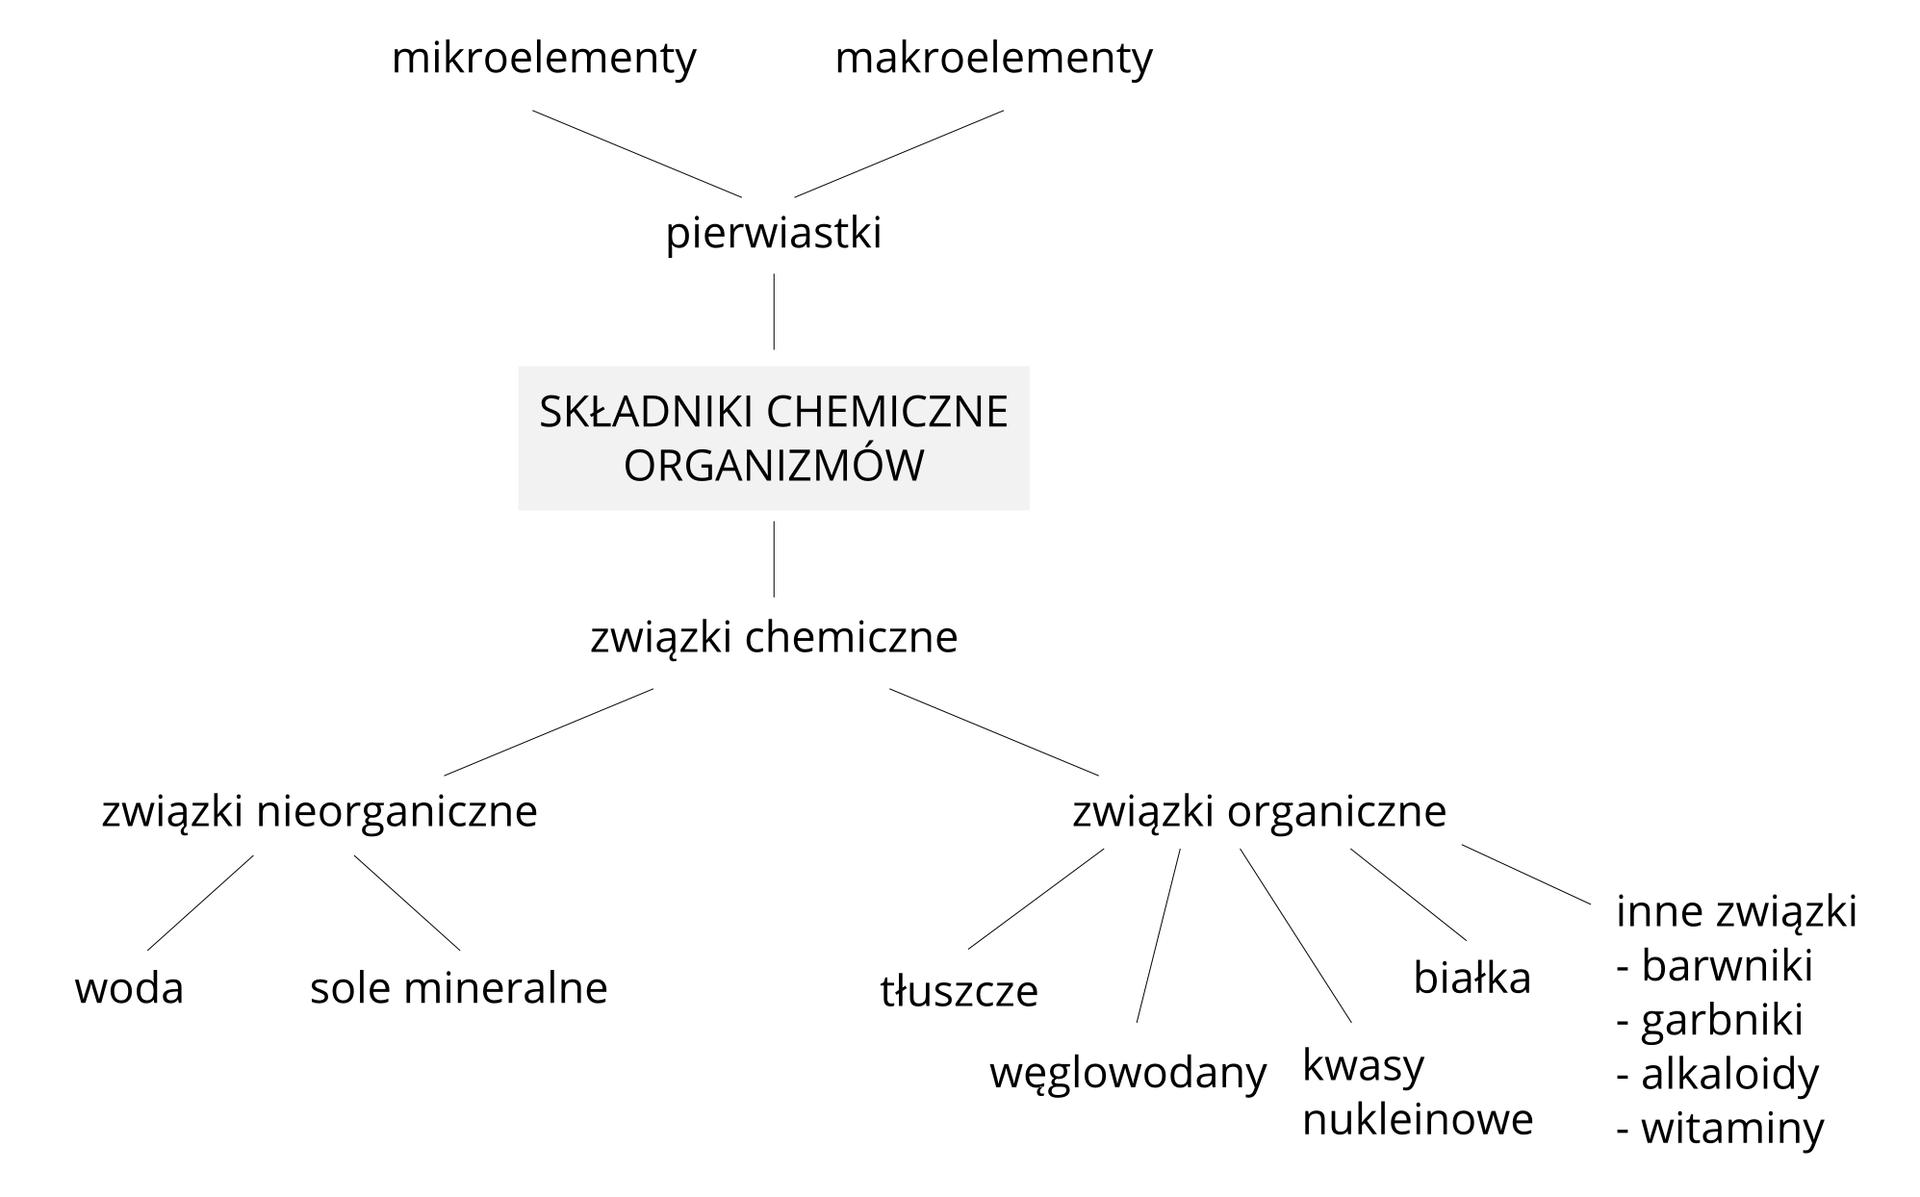 Ilustracja przedstawia schemat składników chemicznych, budujących organizm. Podzielono je na pierwiastki izwiązki organiczne. Ugóry są pierwiastki, które dzielą się na mikroelementy imakroelementy. Udołu znajduje się podział związków chemicznych na nieorganiczne iorganiczne. Nieorganiczne to woda izwiązki mineralne. Organiczne to tłuszcze, węglowodany, białka, kwasy nukleinowe iinne.